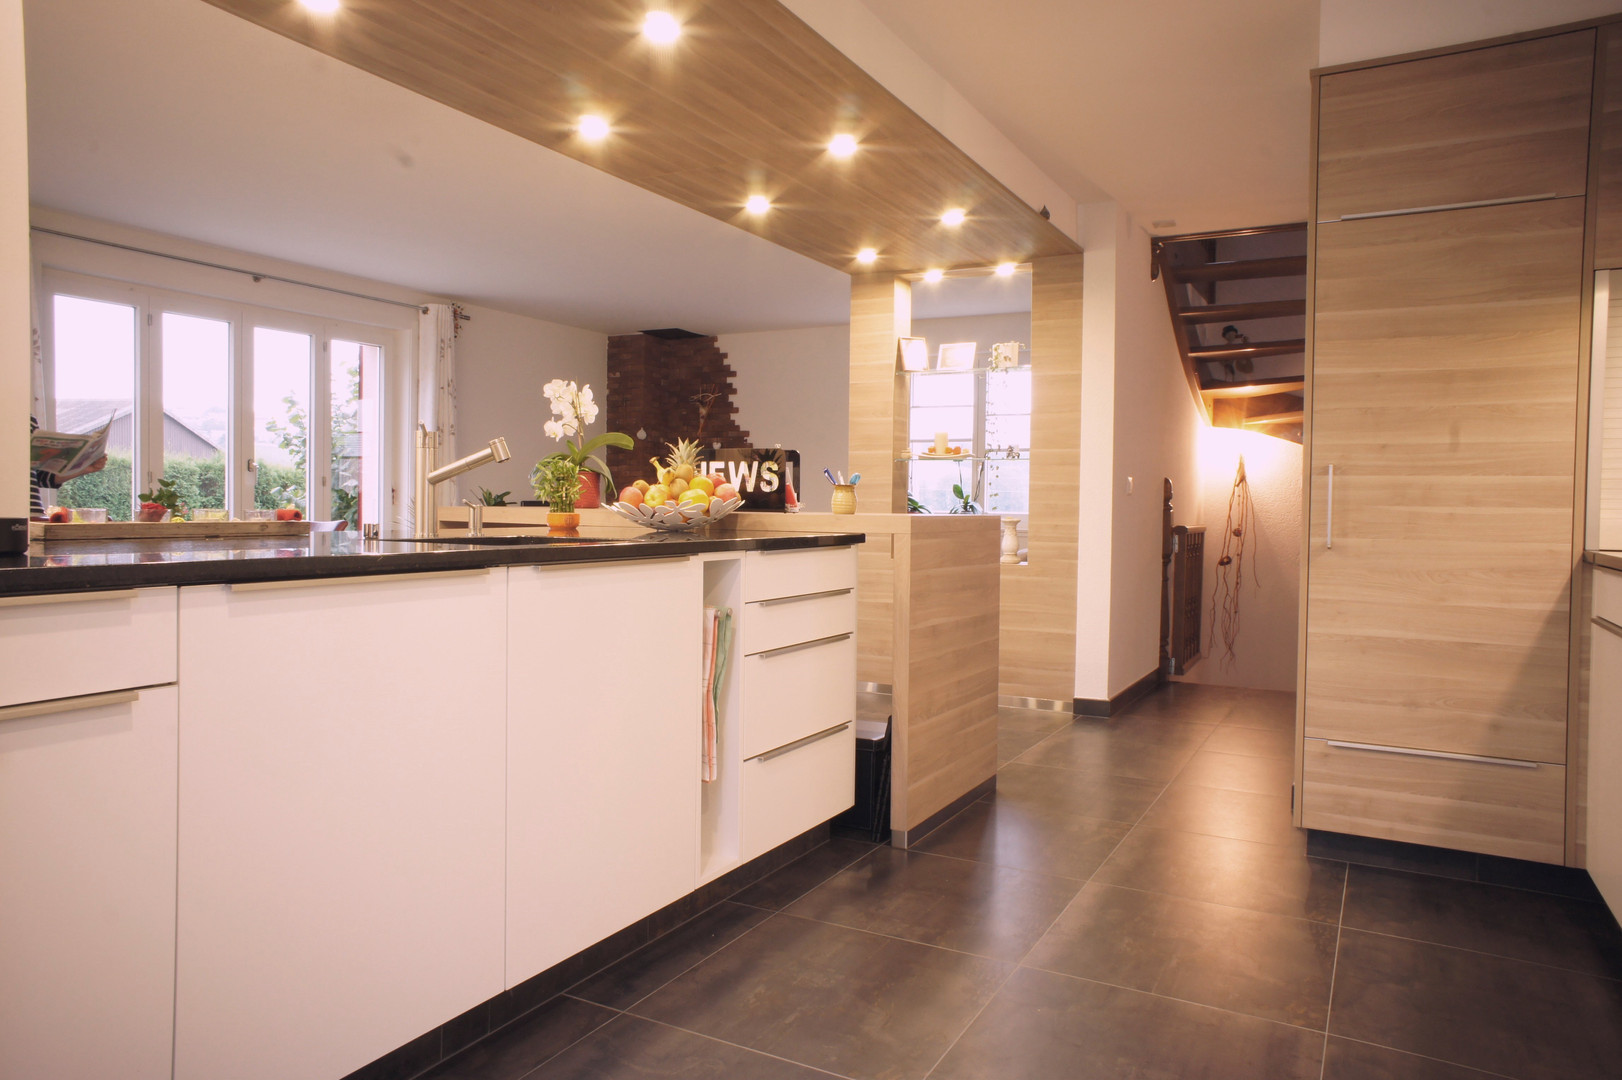 cuisine-bois-blanche.jpg